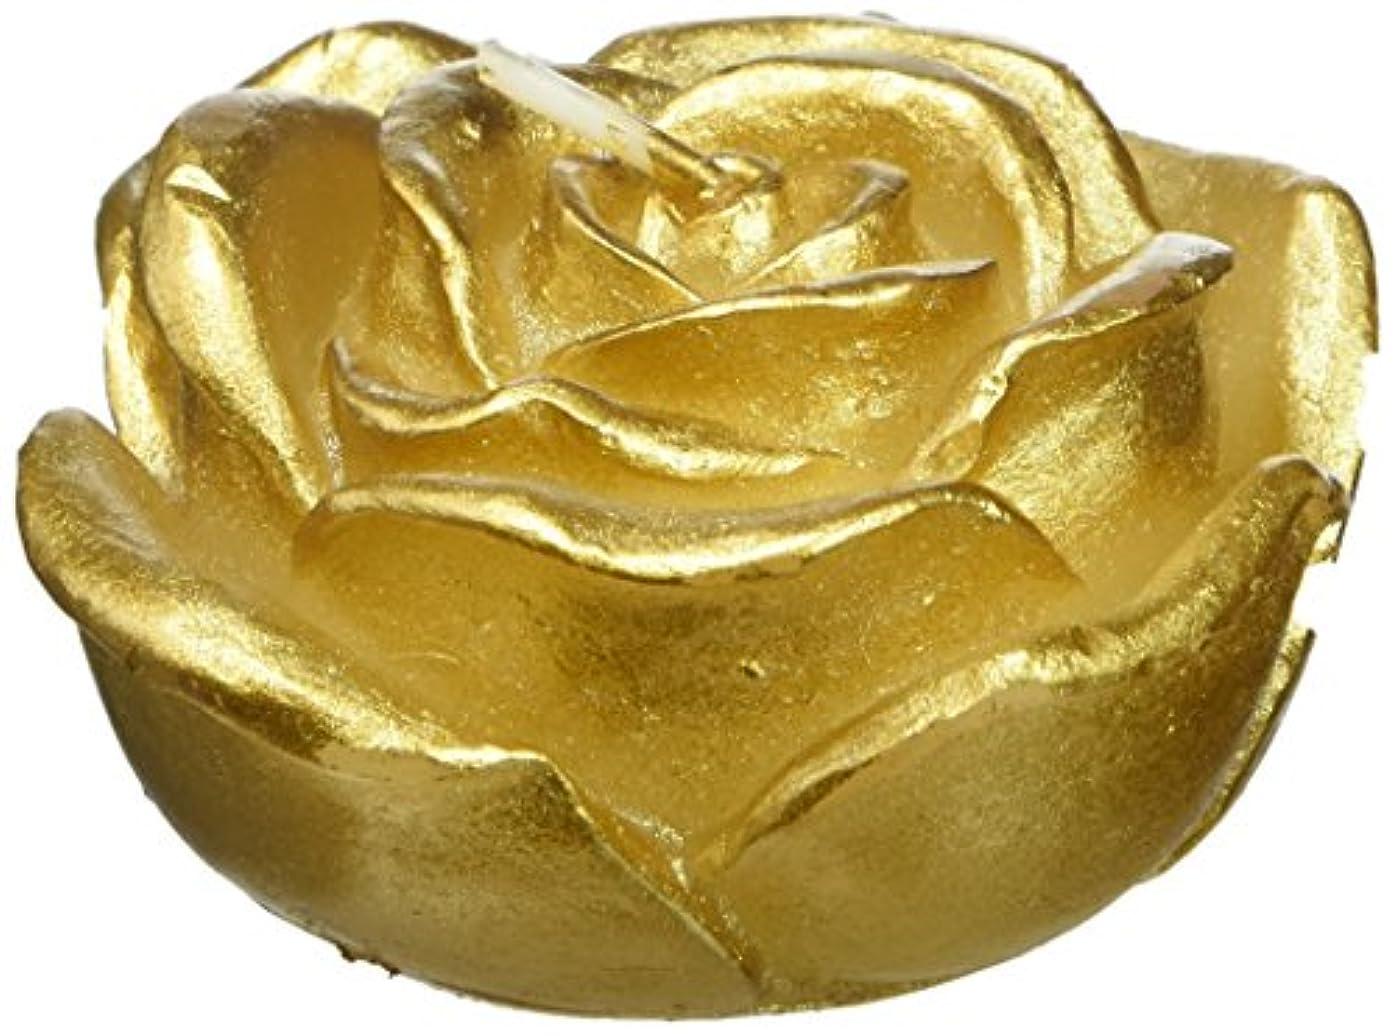 傑出した暴露する海峡Zest Candle CFZ-101 3 in. Metallic Gold Rose Floating Candles -12pc-Box